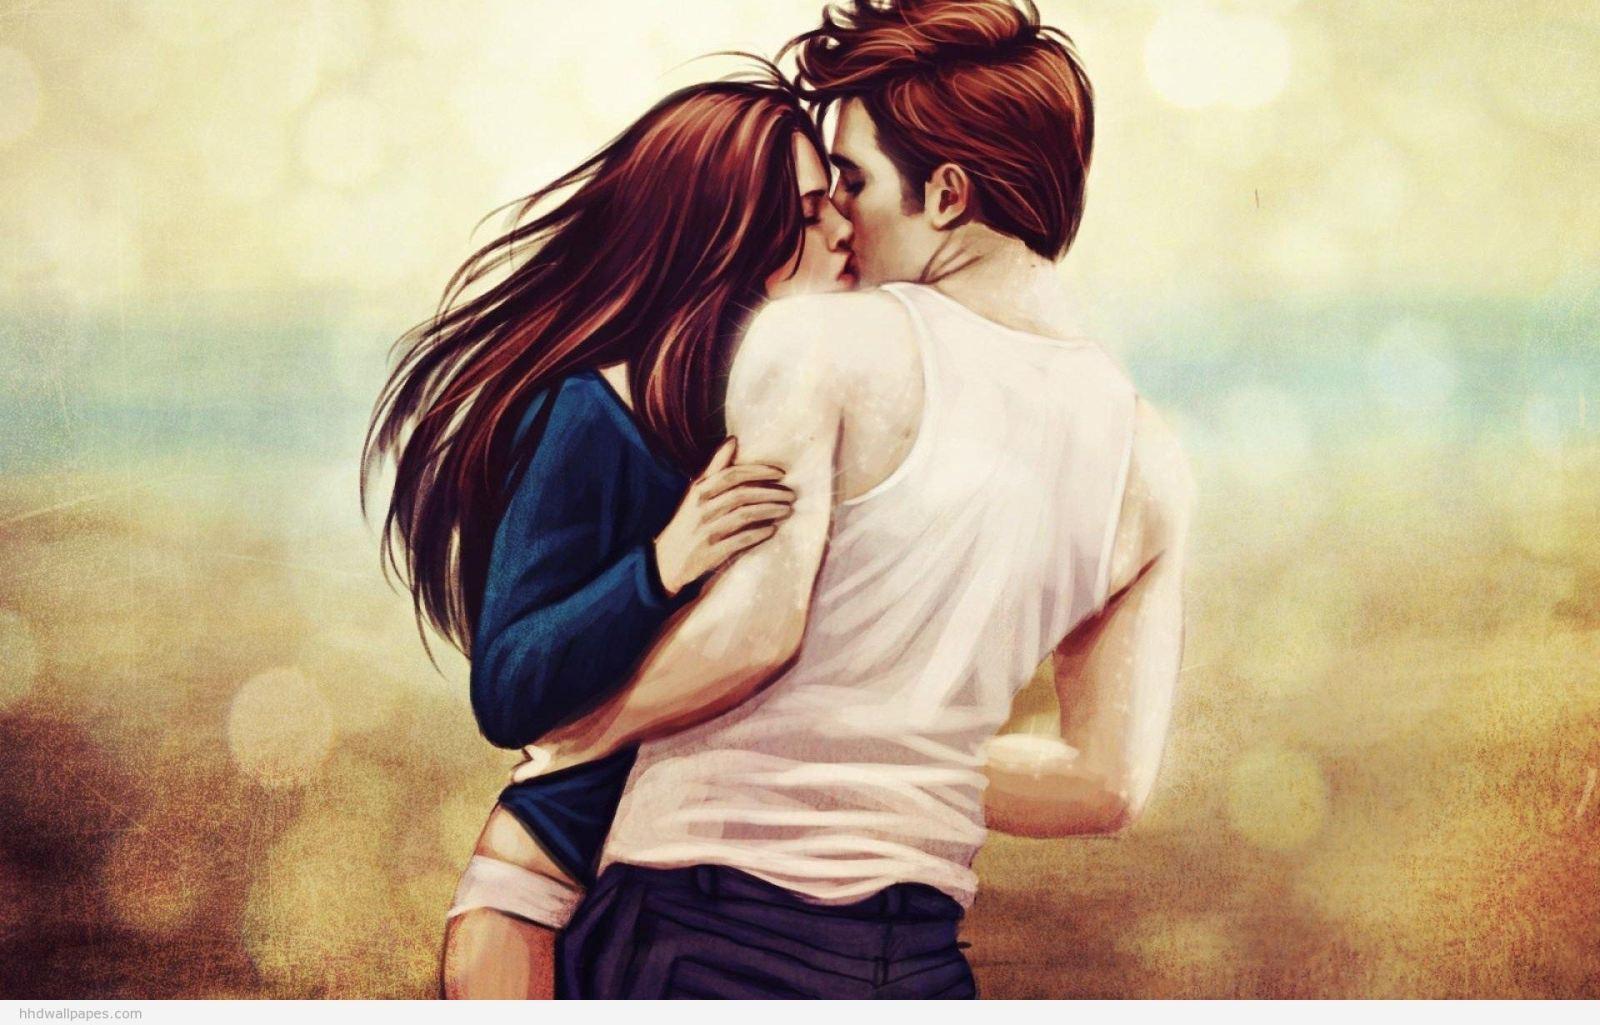 hentocdo | tìm bạn trai, tìm bạn gái, hẹn hò, nụ hôn đầu